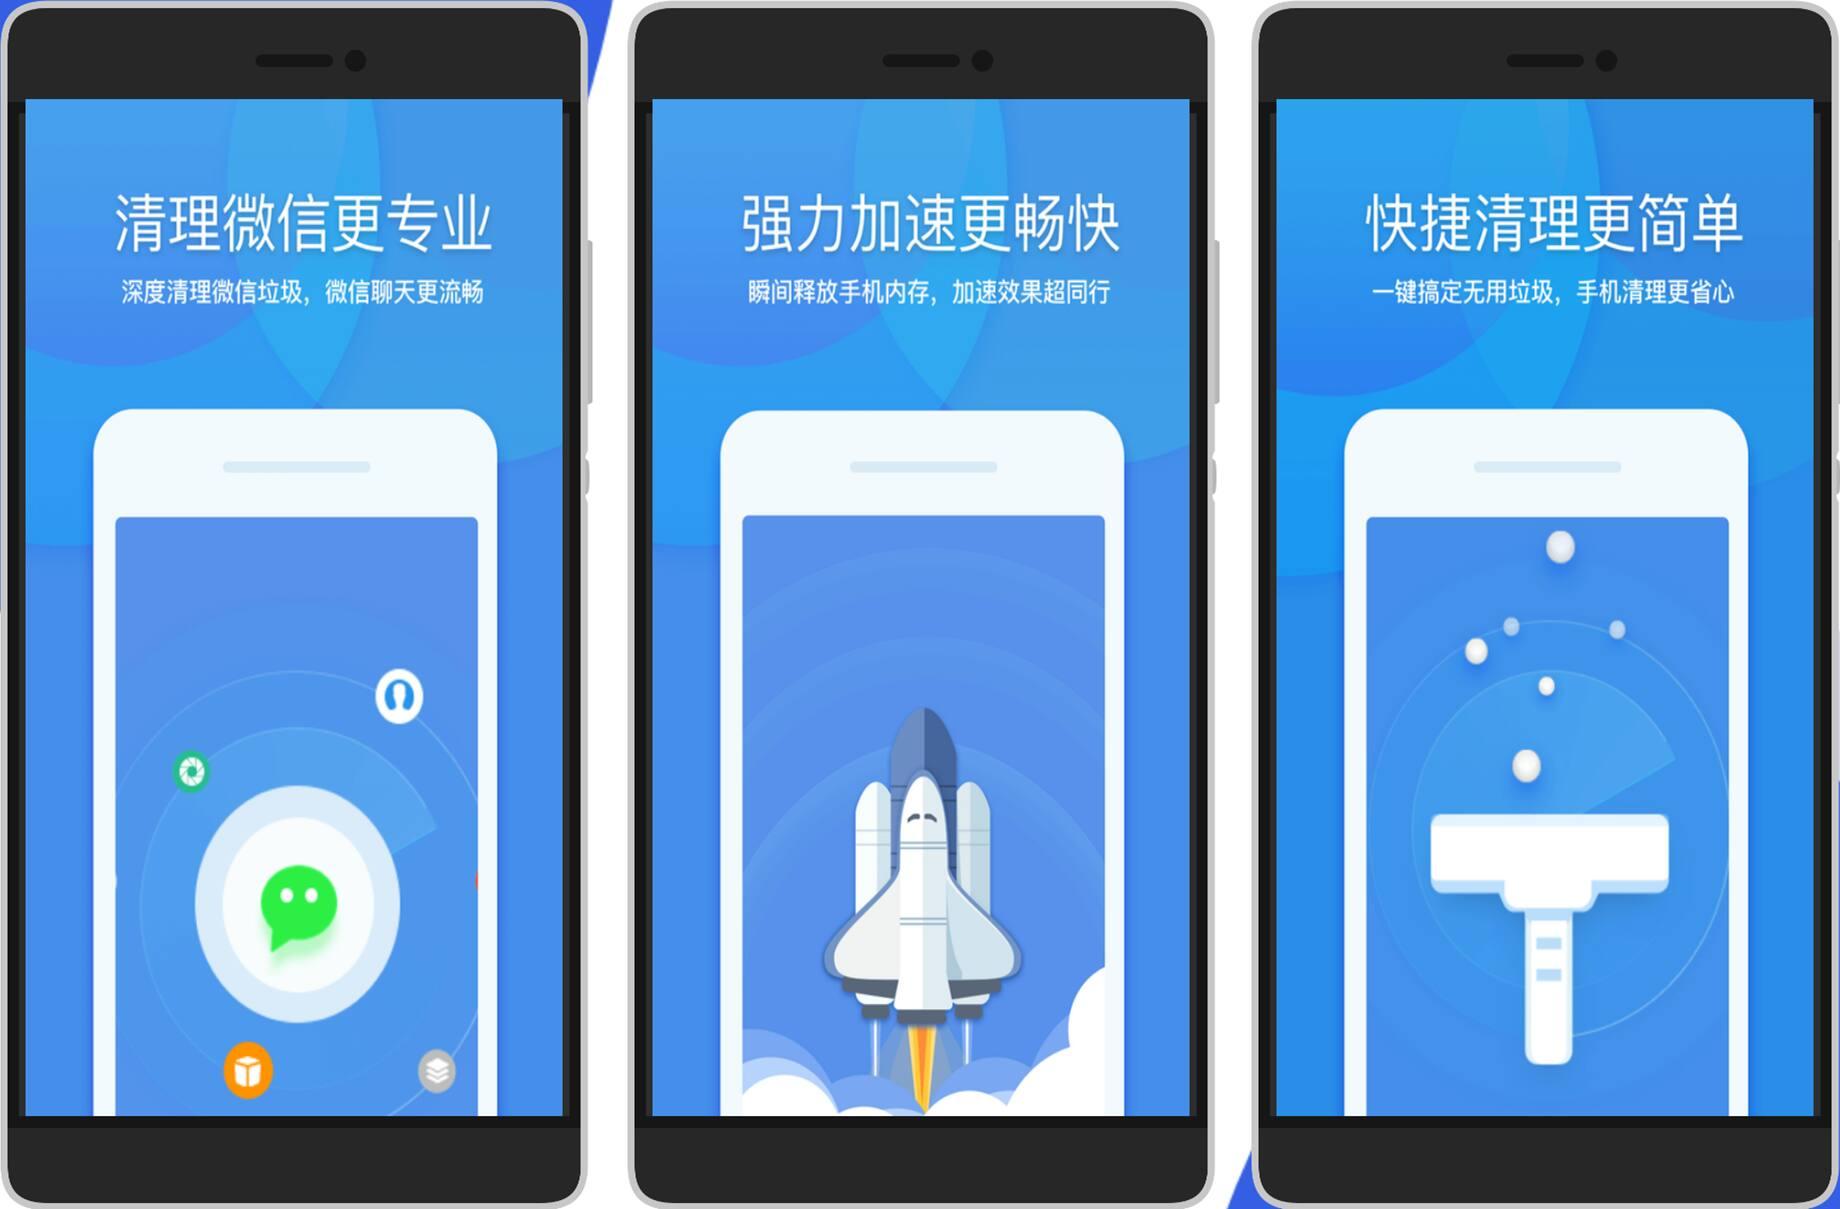 「360清理大师」7.1.2清爽版 ★比SD女佣更加强大-第1张图片-小冰资源网